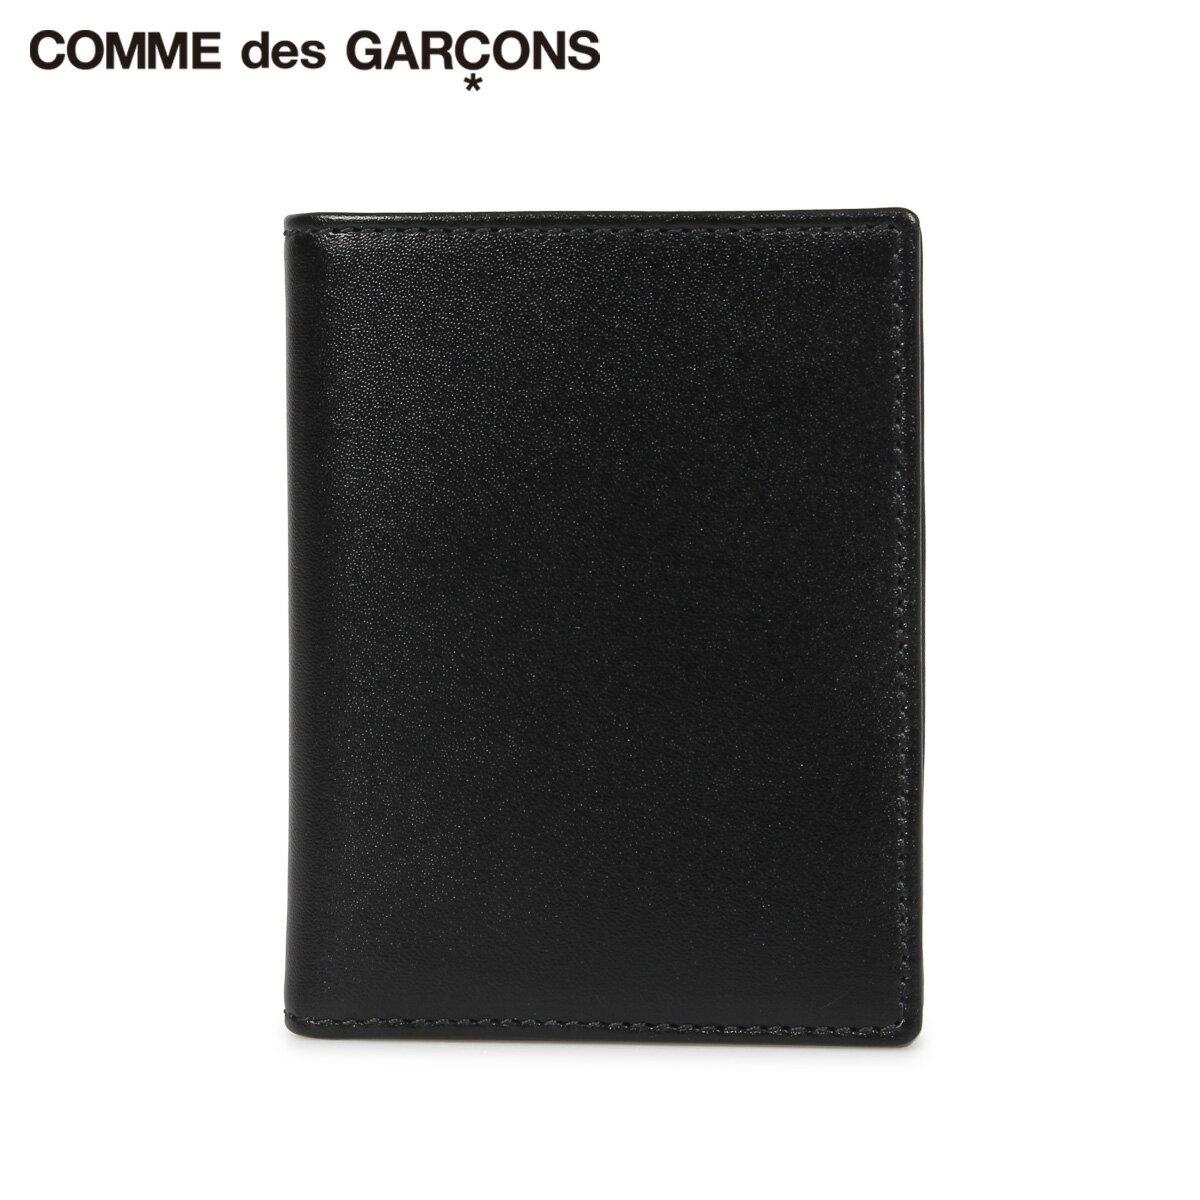 財布・ケース, メンズ財布 2000OFF COMME des GARCONS CLASSIC WALLET SA0641